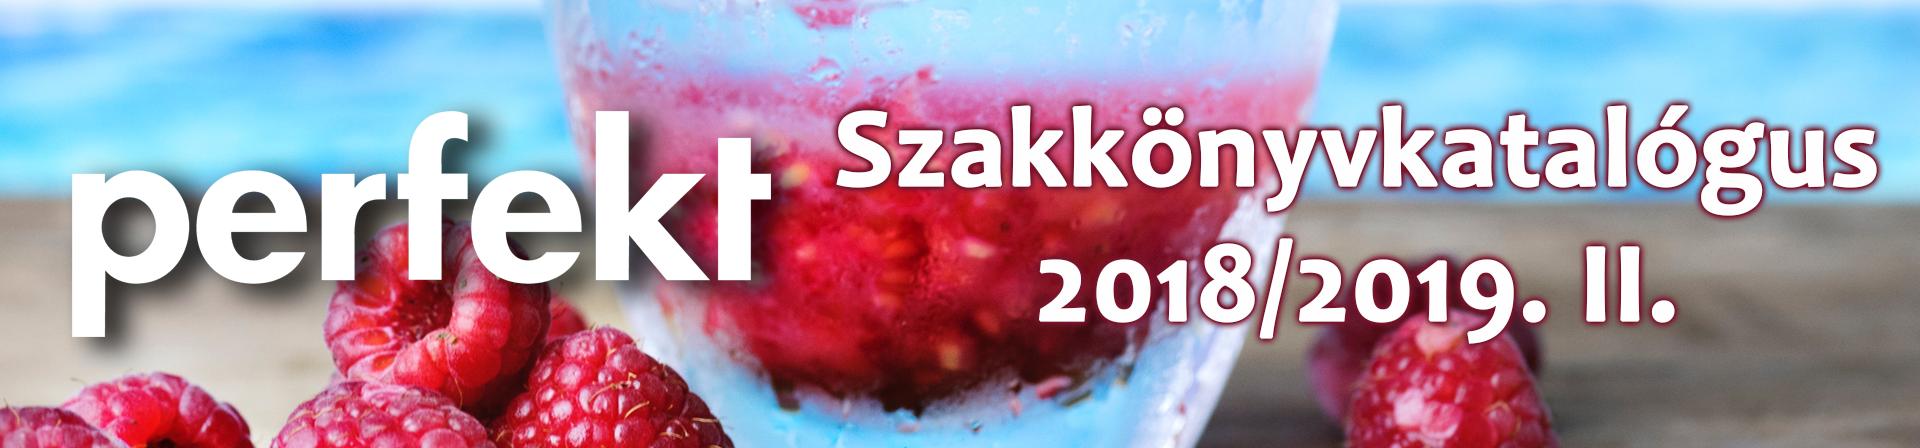 perfekt_szakkonyvkatalogus_2019_ii.png